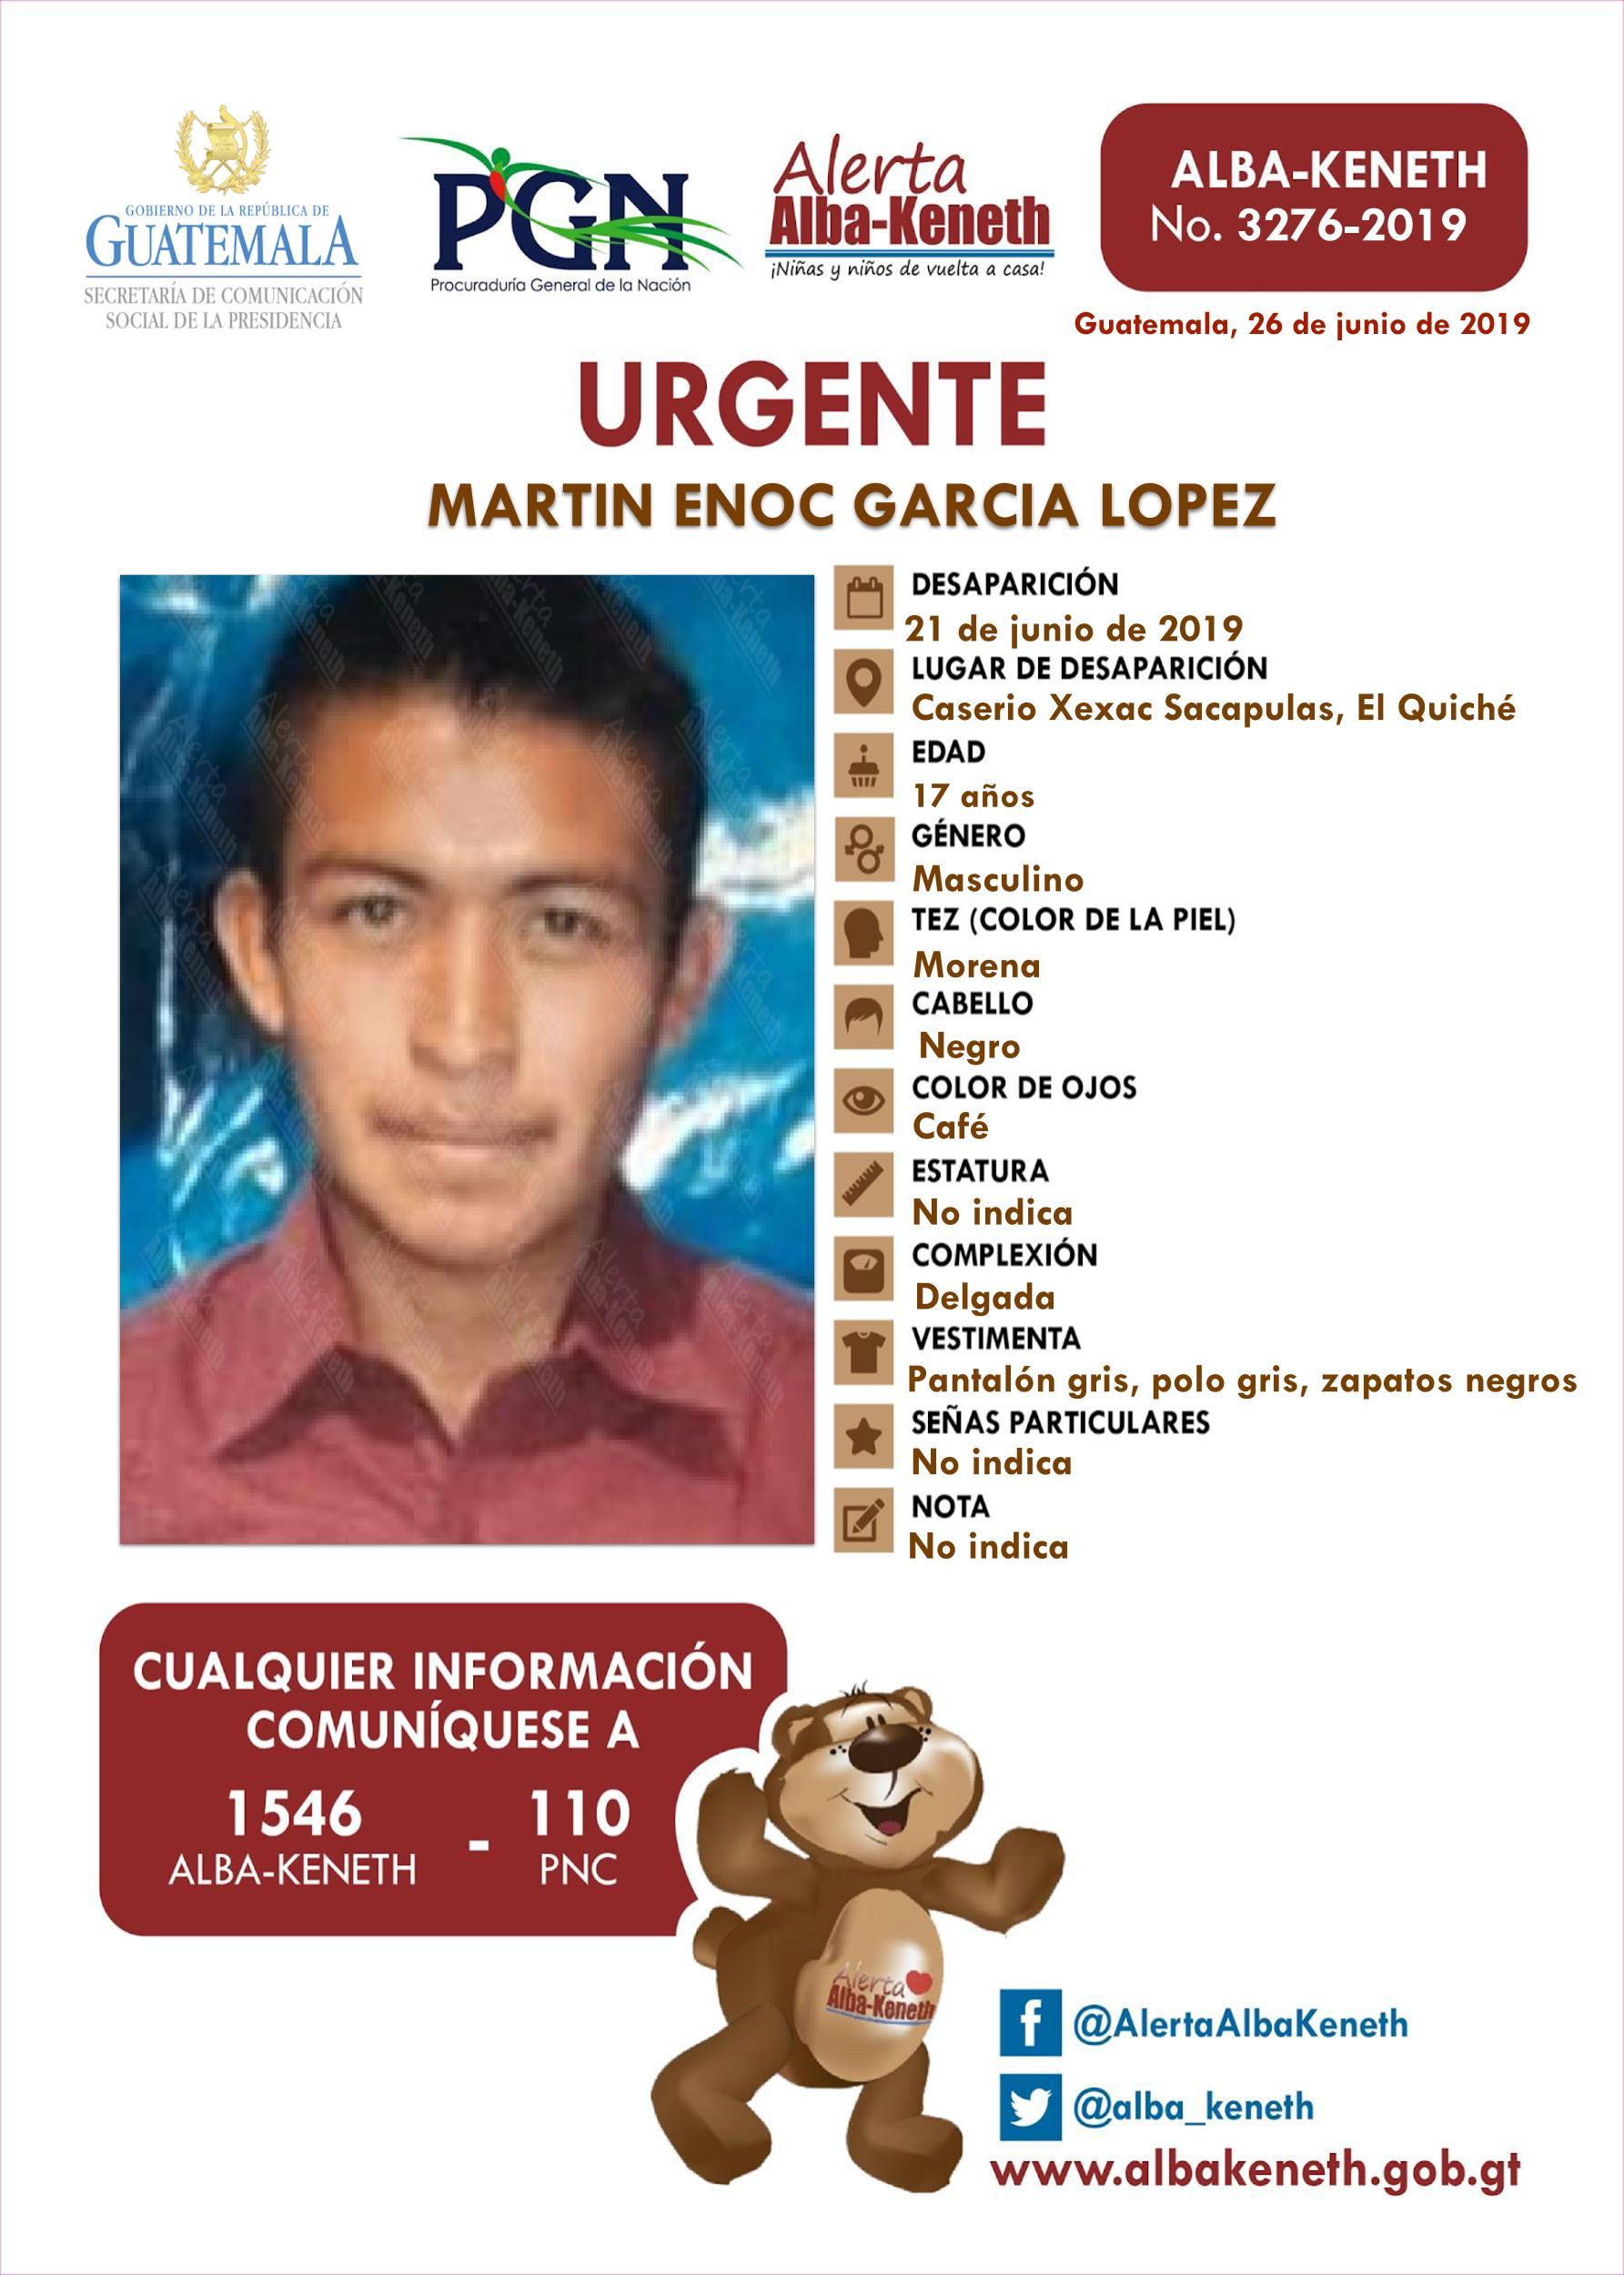 Martin Enoc Garcia Lopez